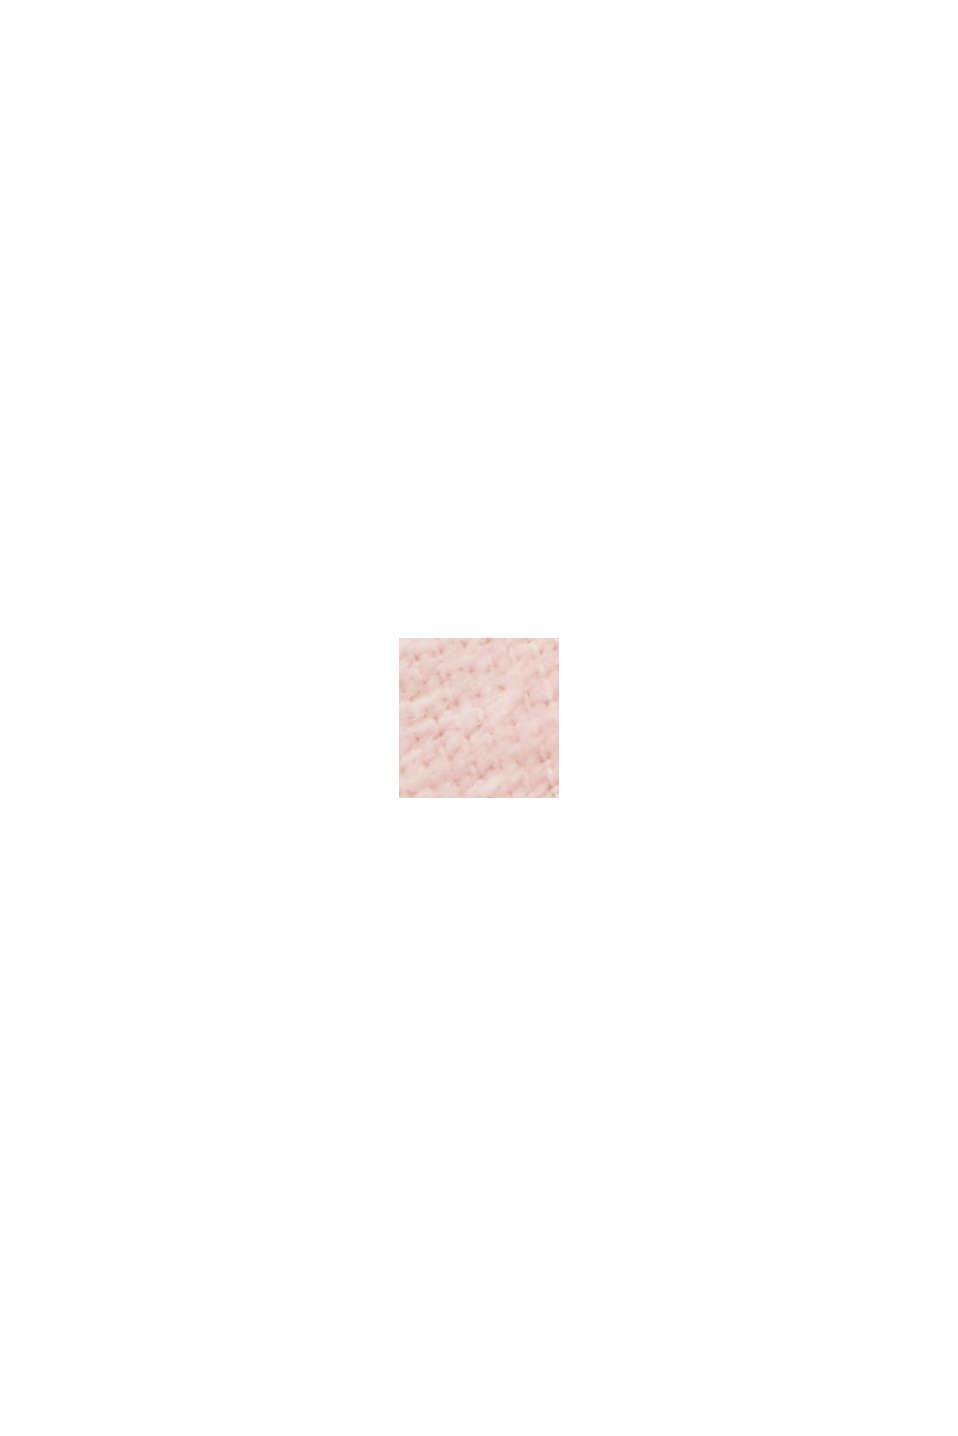 Velours badjas, 100% katoen, ROSE, swatch